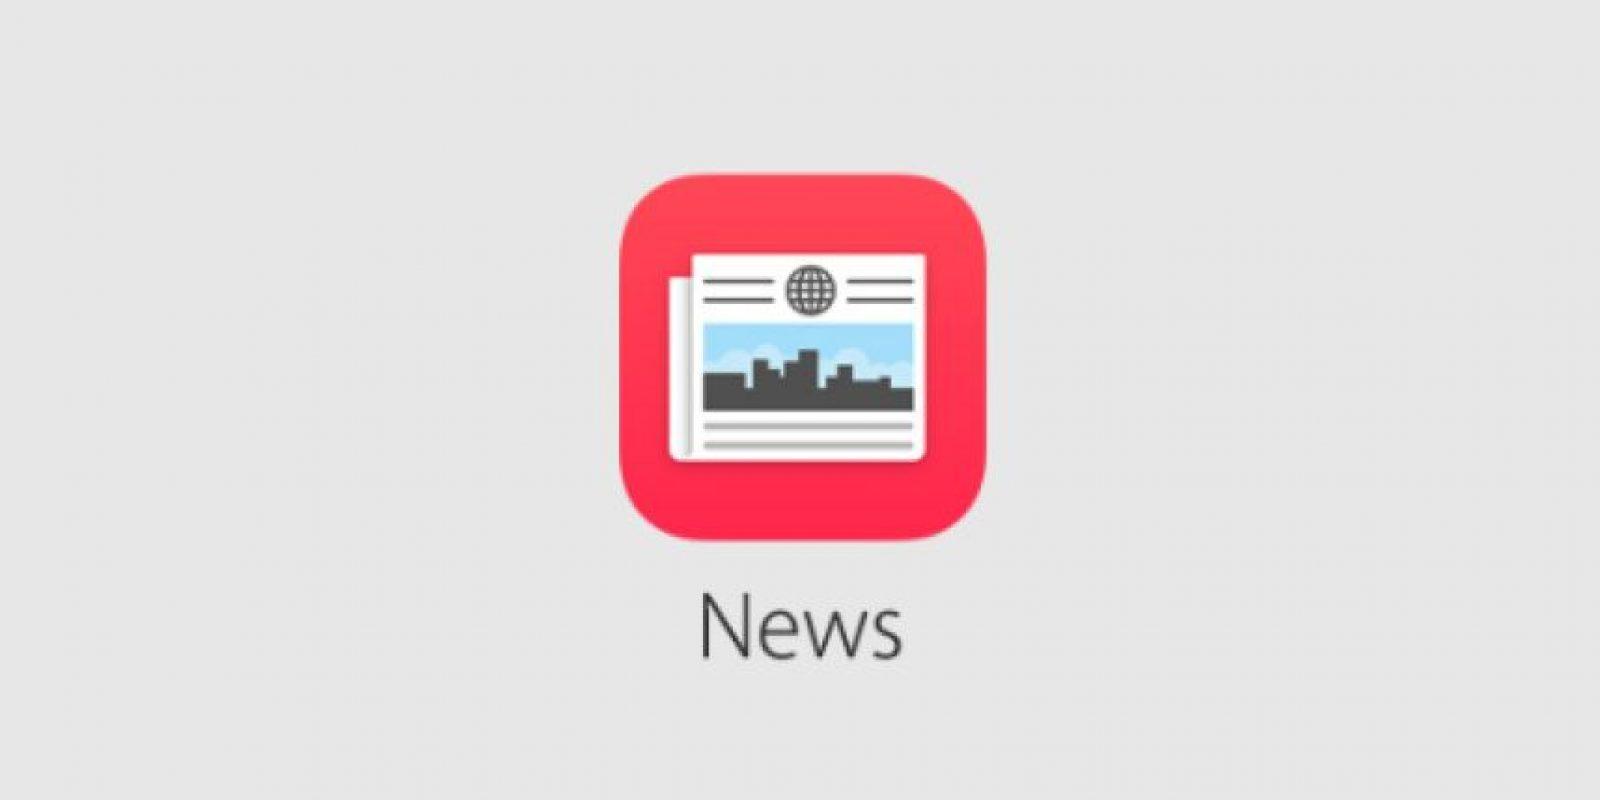 News permitirá leer contenido de noticias e información en el momento Foto:Apple